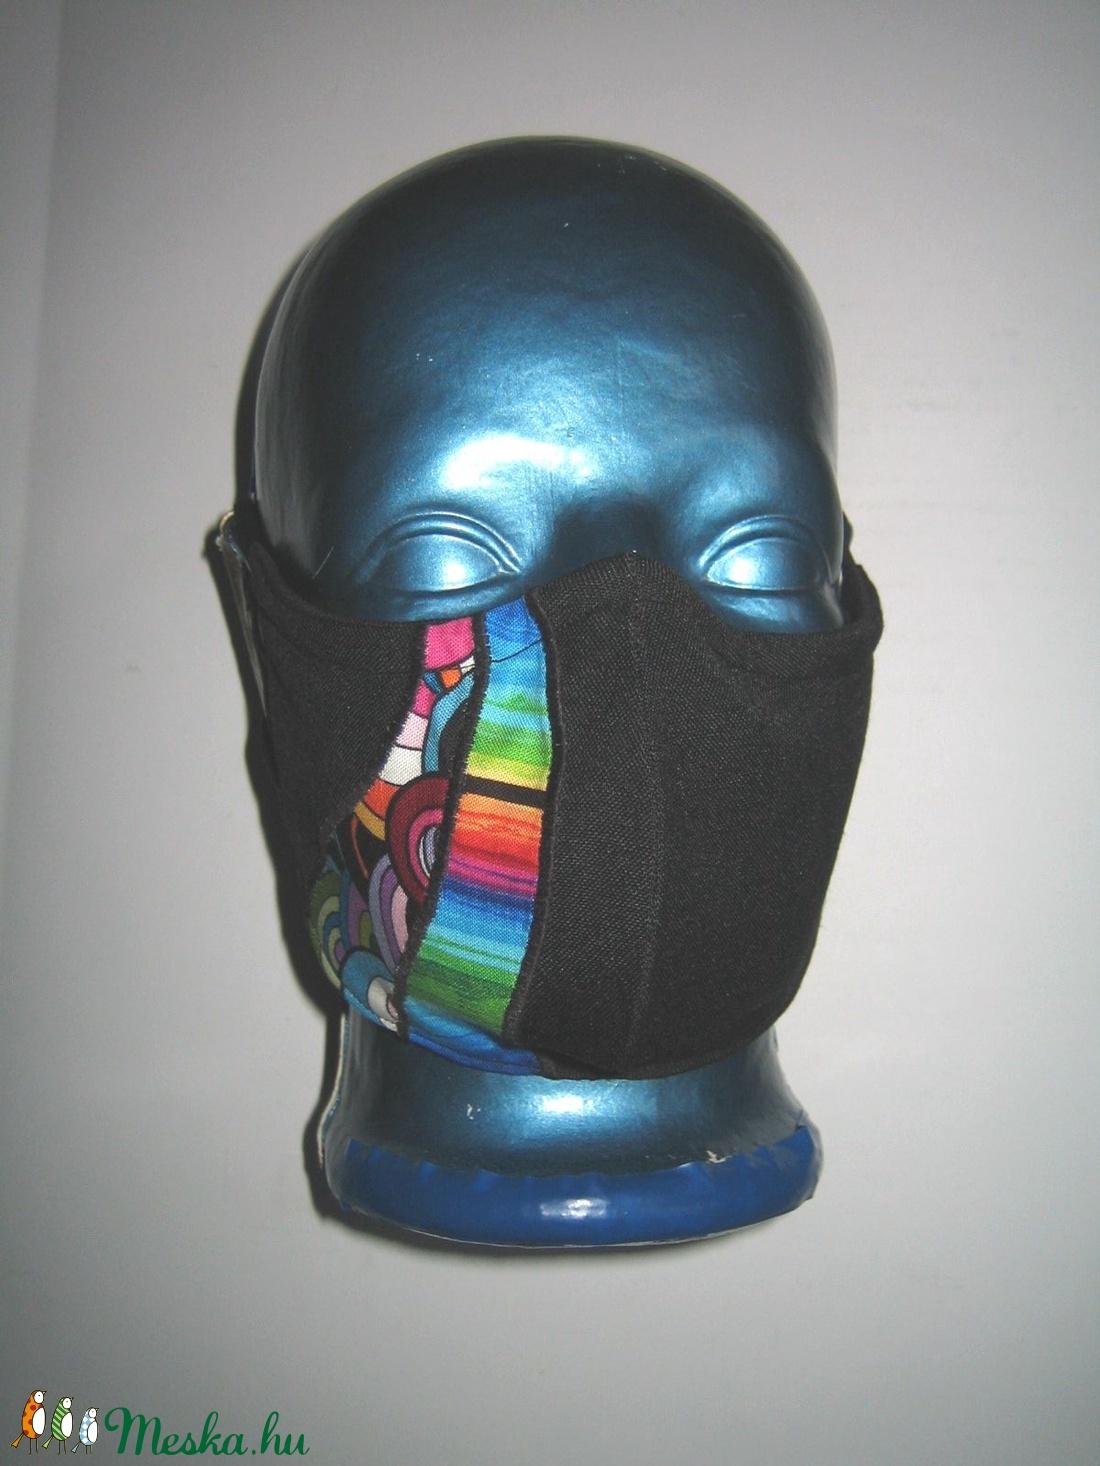 Rendelhető egyedi szájmaszk orrmerevítős arcmaszk fülre akasztható védő maszk textilmaszk - maszk, arcmaszk - női - Meska.hu